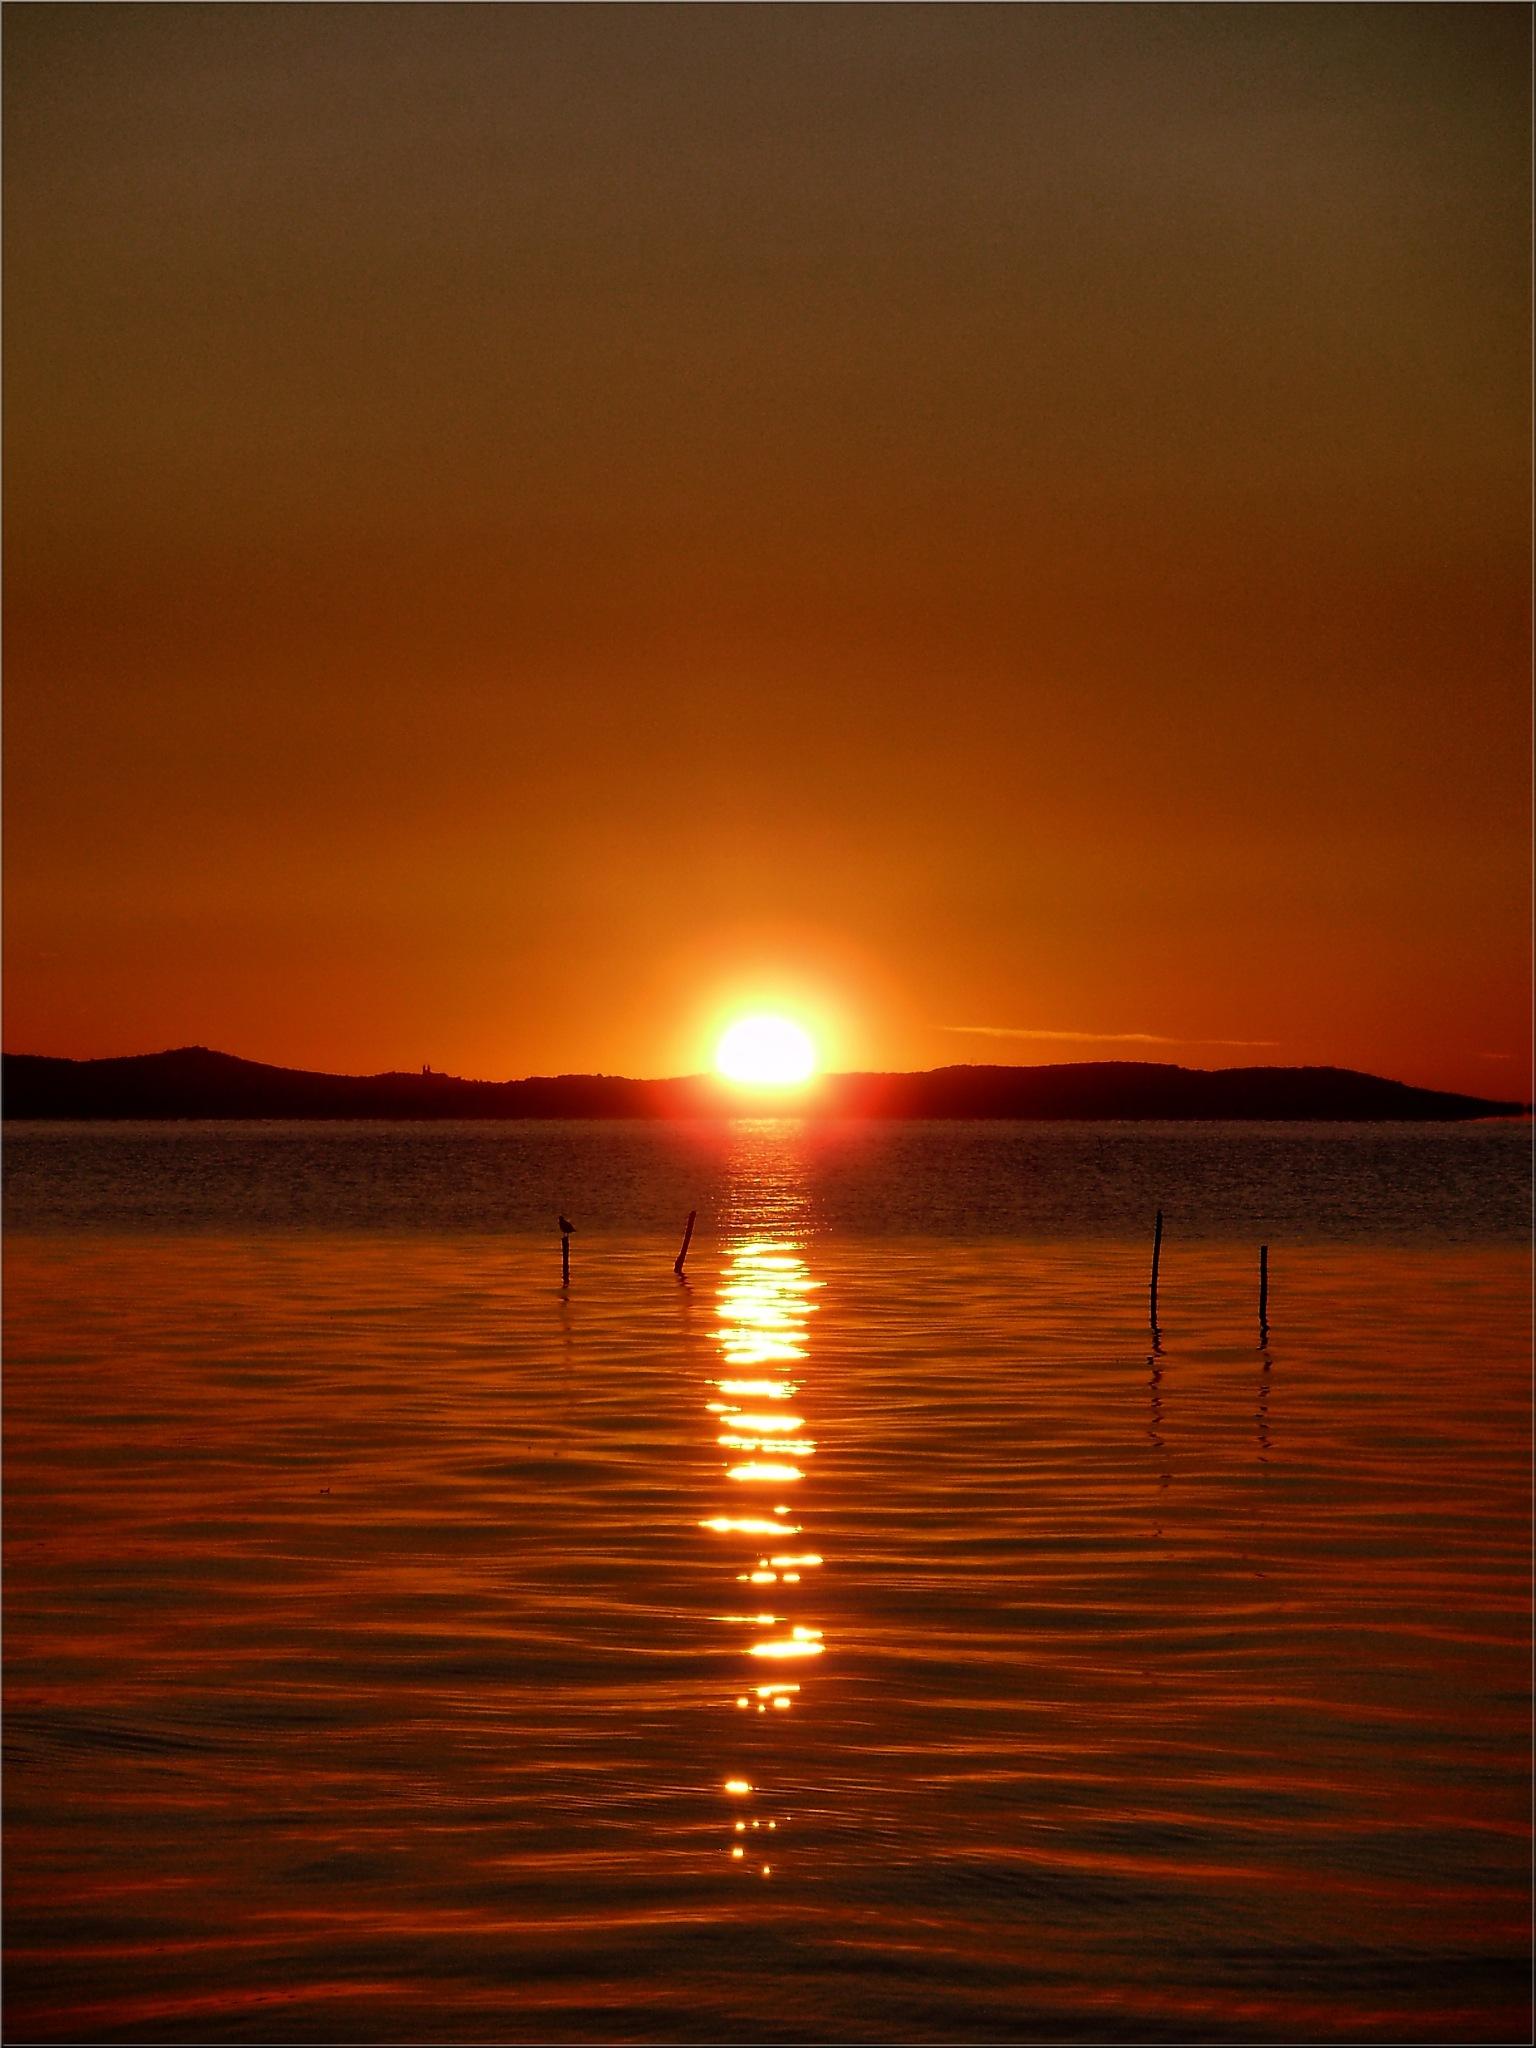 ..Sunrise am Balaton lake by Imre Lakat